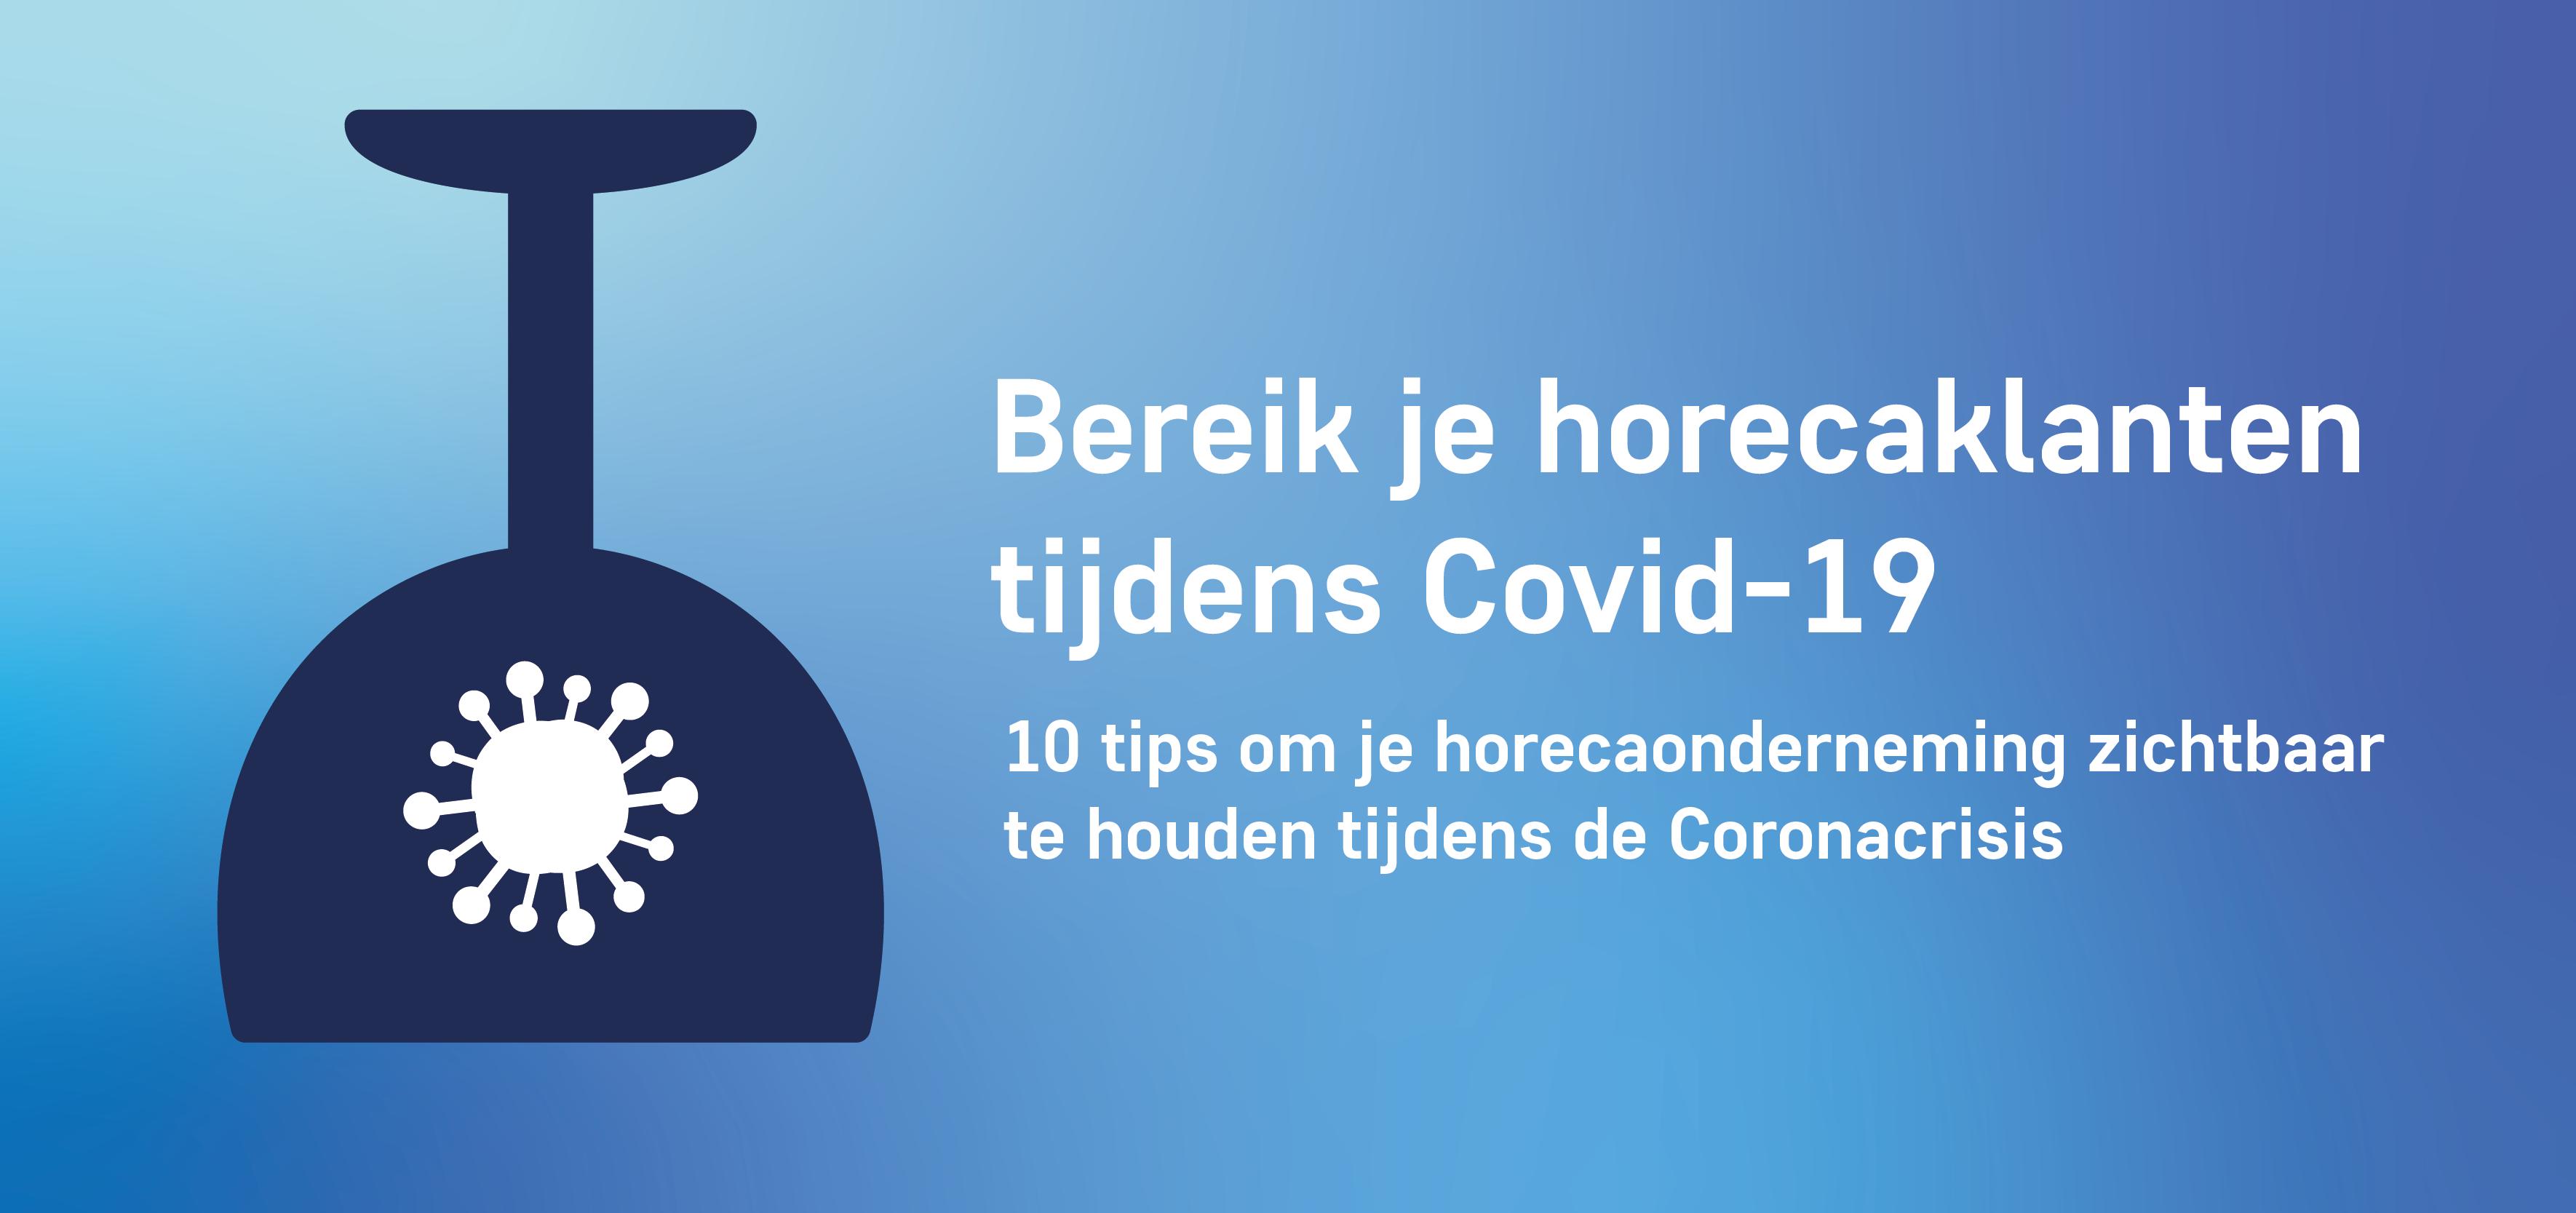 Bereik je horecaklanten tijdens Covid-19